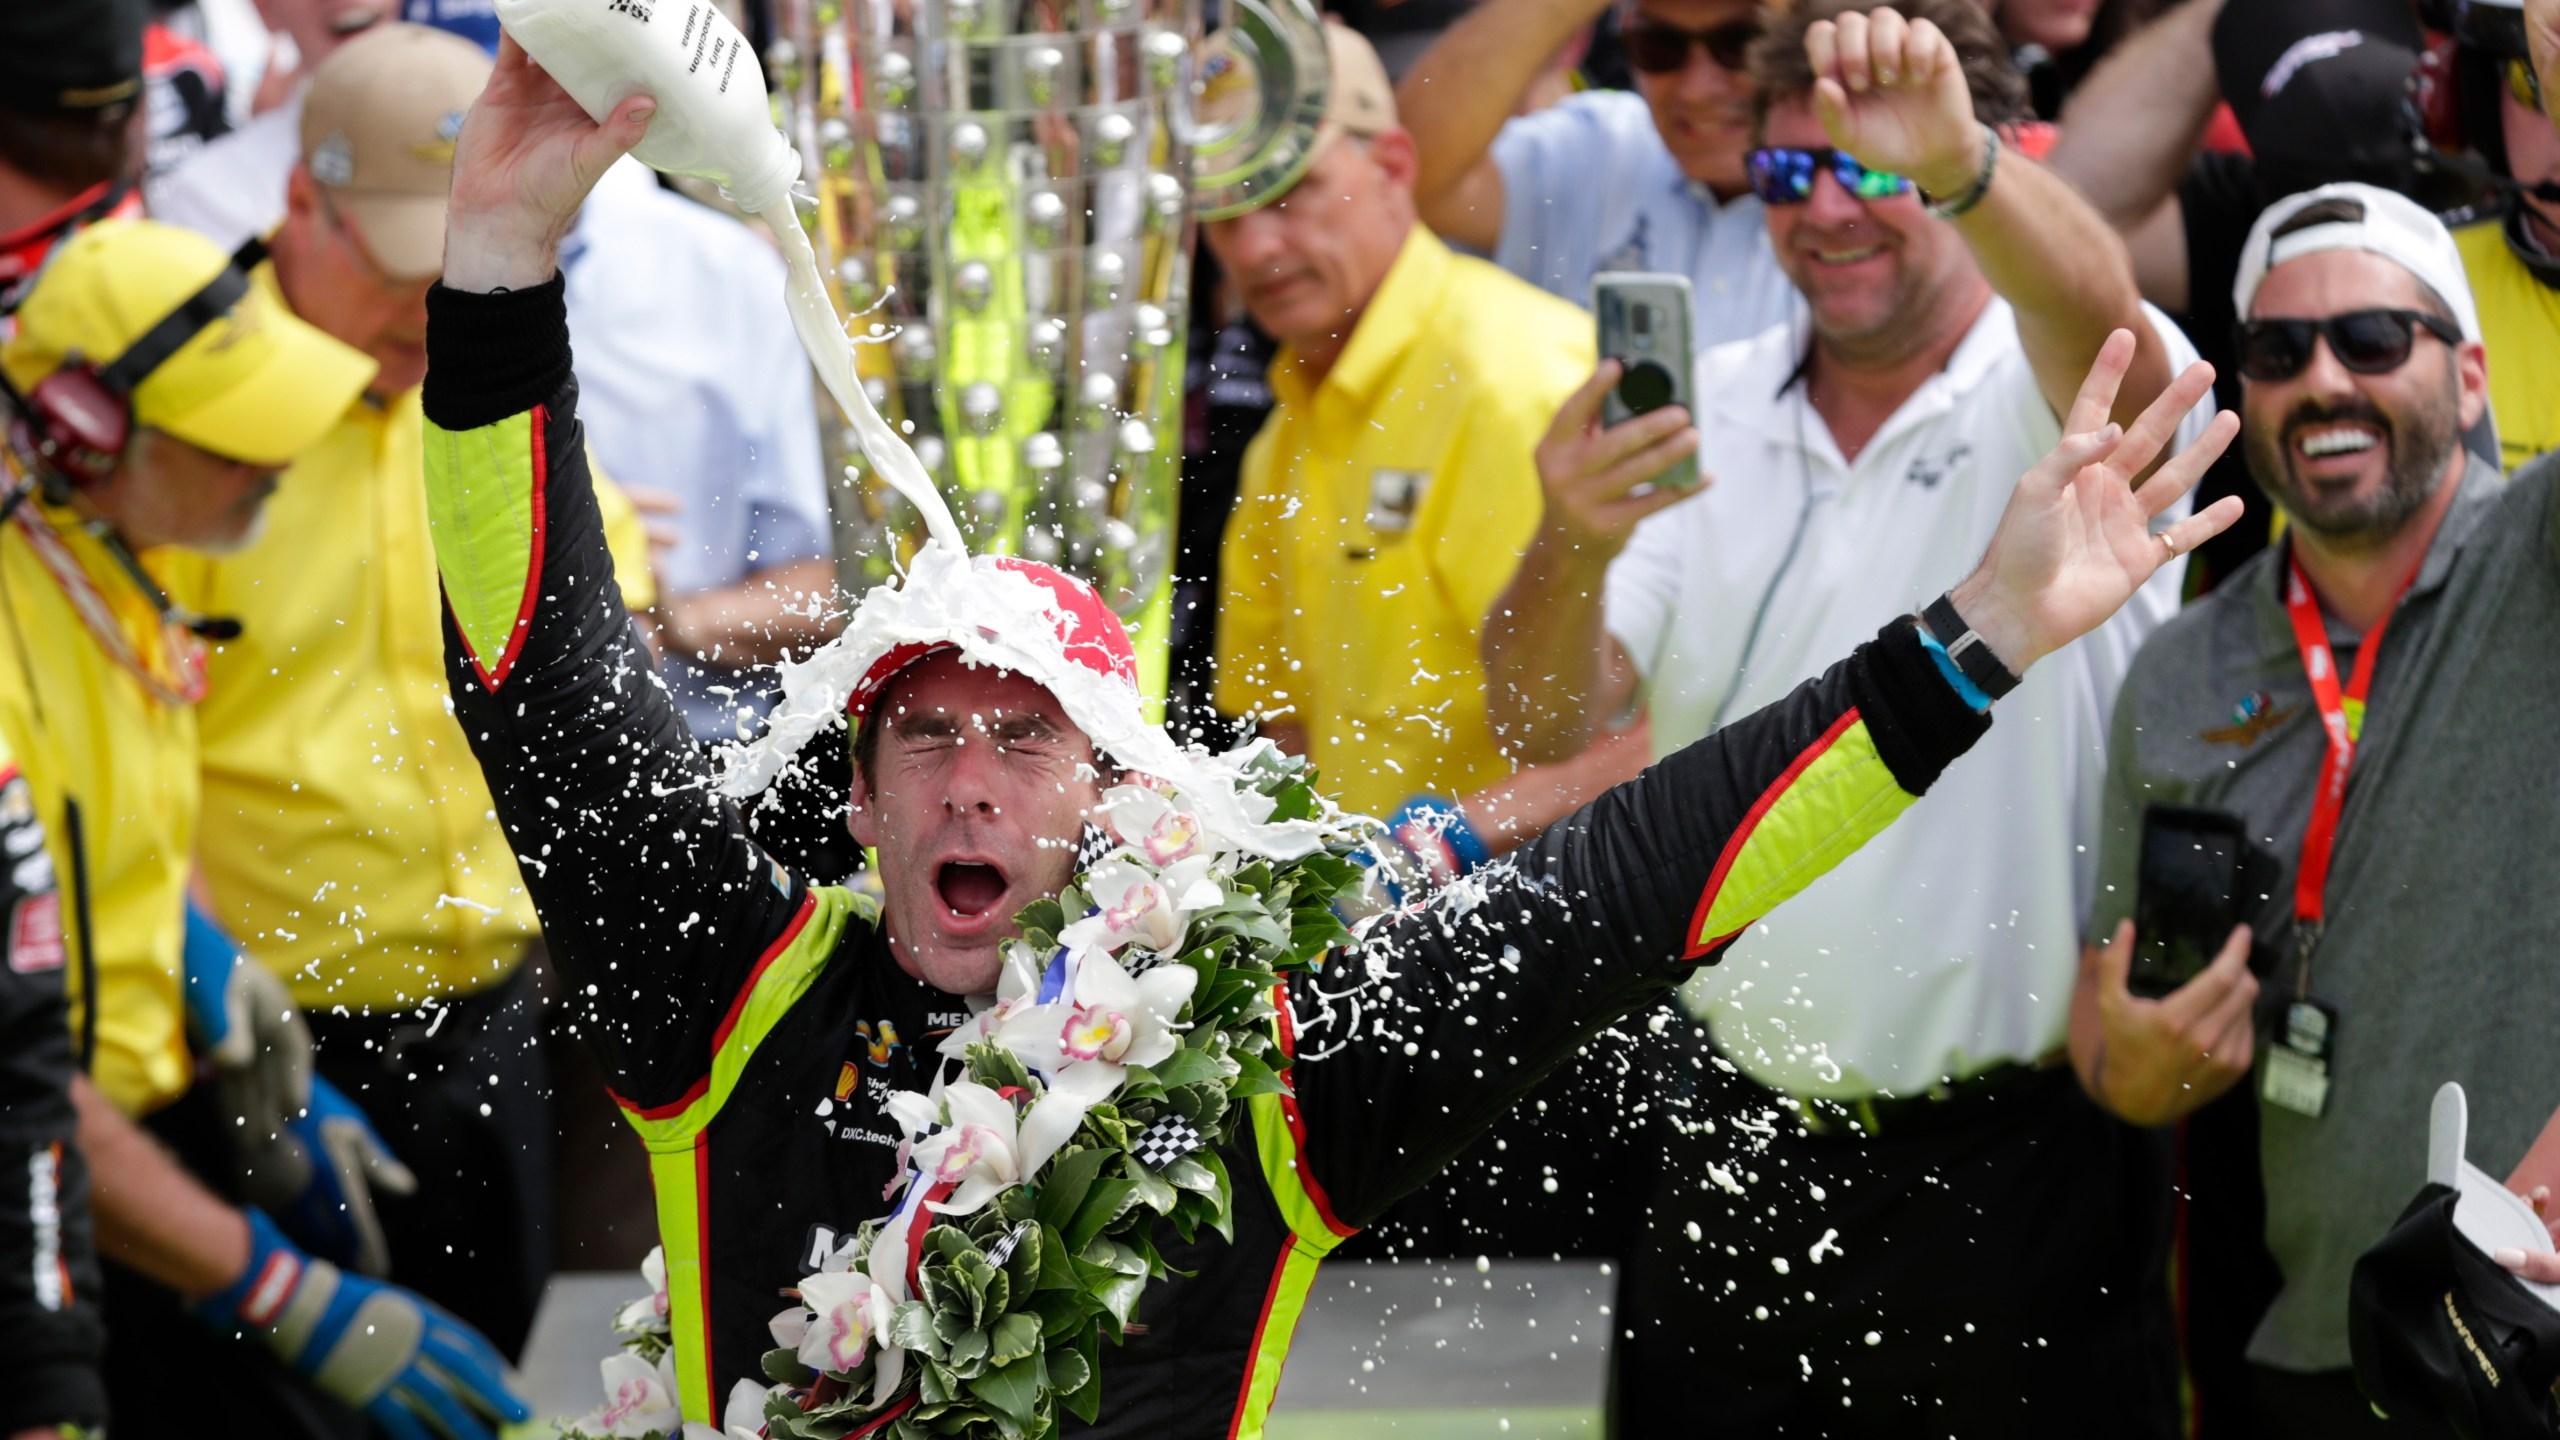 APTOPIX IndyCar Indy 500 Auto Racing_1558902160395